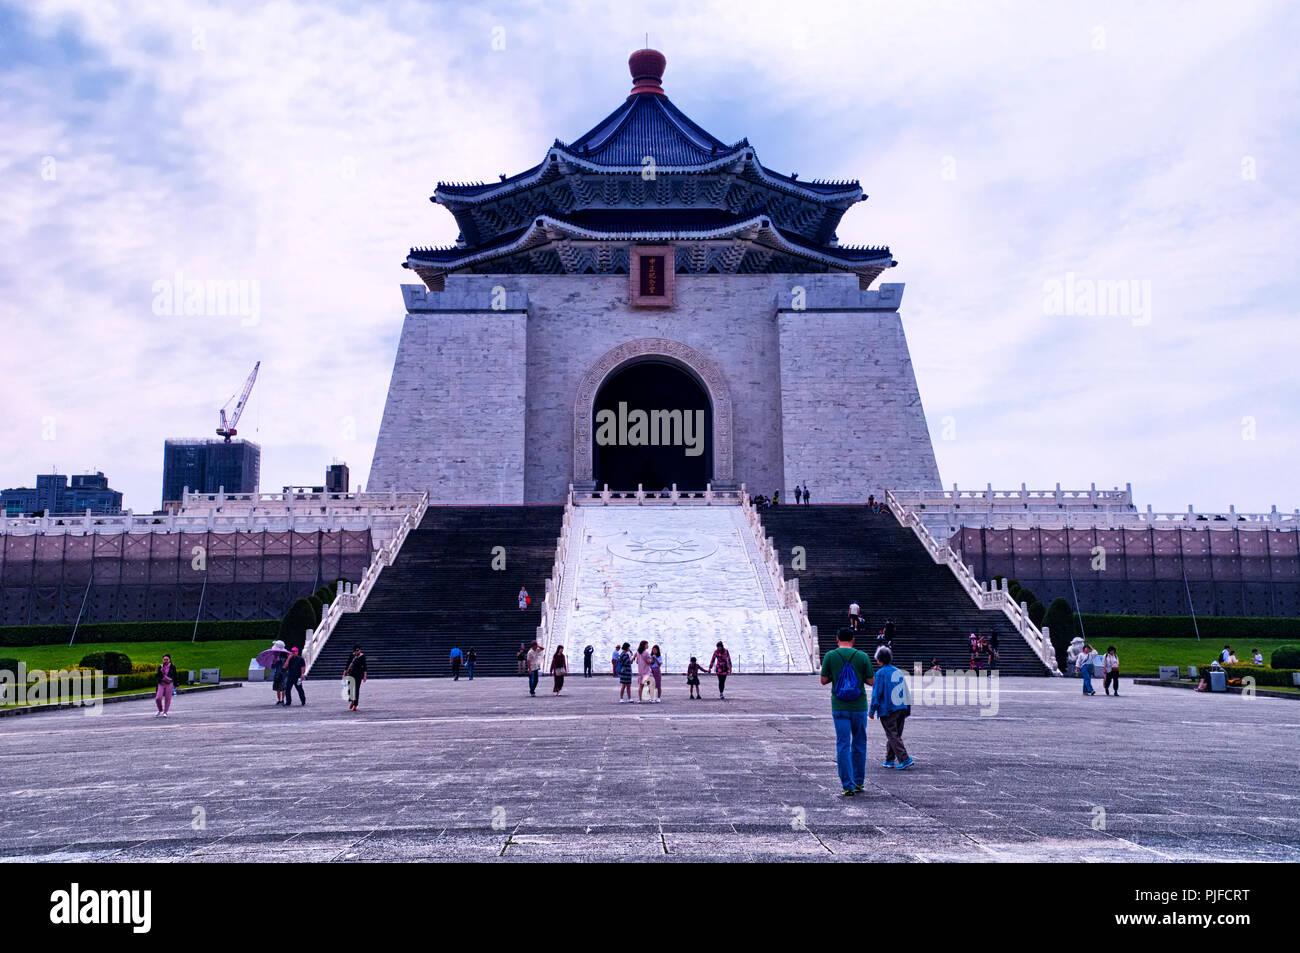 El 31 de marzo de 2018. Taipei, Taiwán. Los turistas que visitan la plaza de la libertad frente a la de Chiang Kai-shek Memorial Hall de la ciudad de Taipei, Taiwán. Imagen De Stock